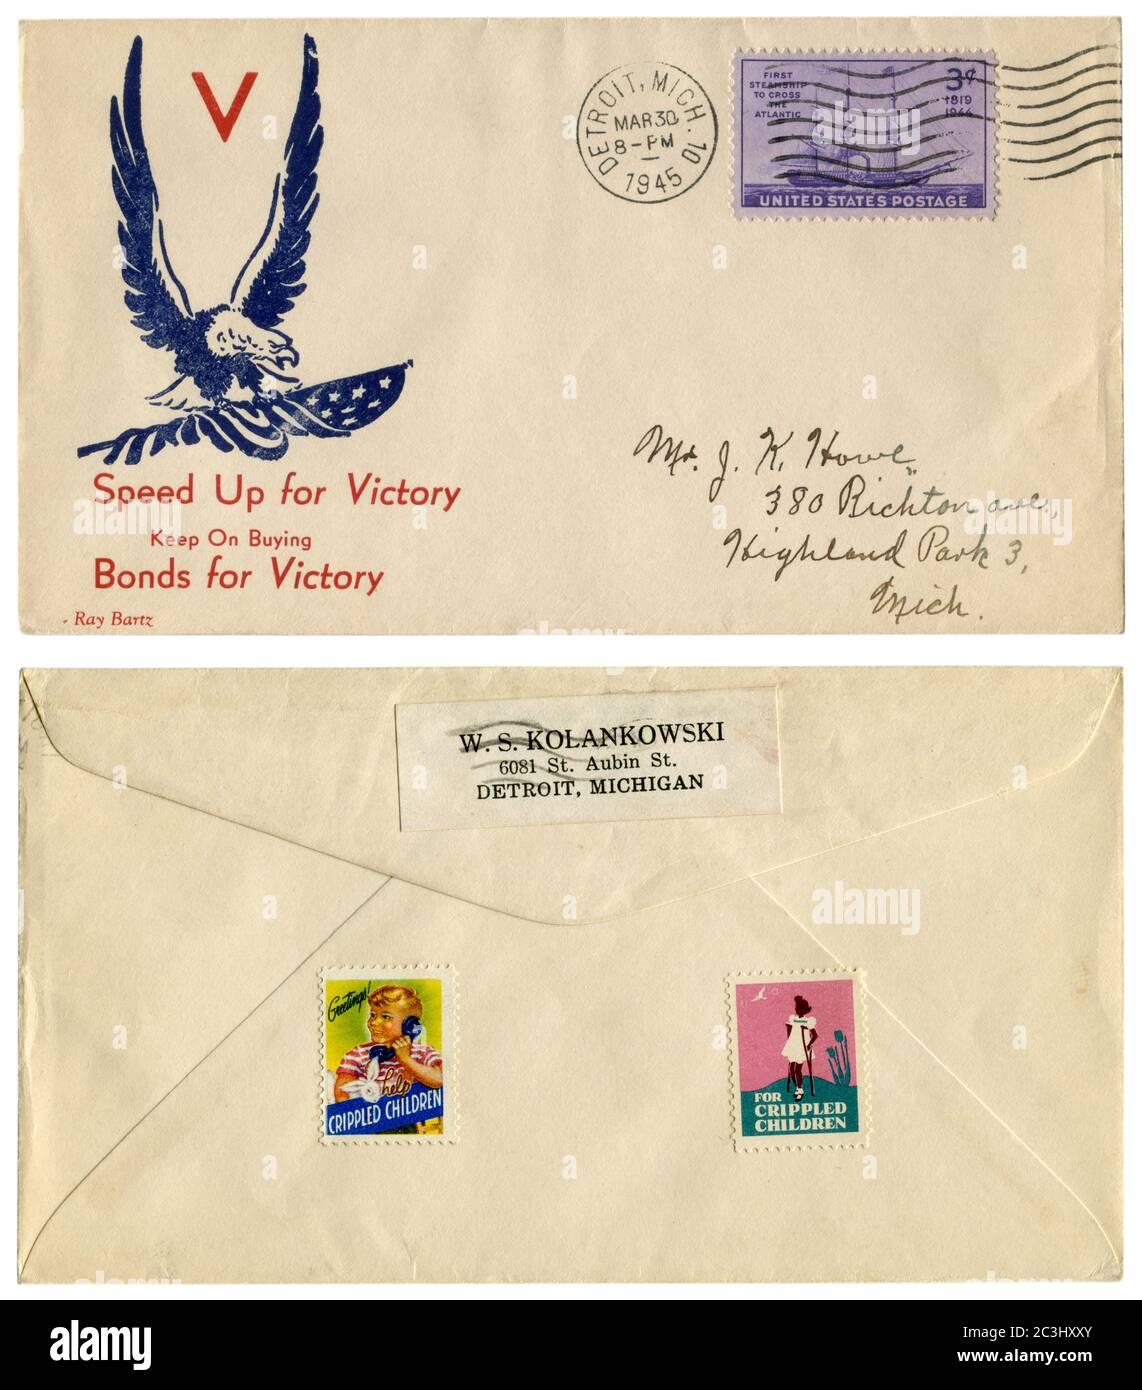 Detroit, Michigan, États-Unis, 30 mars 1945: ENVELOPPE HISTORIQUE DES ÉTATS-UNIS: Couverture avec un cachet patriotique accélérer la victoire, continuer à acheter des obligations. Inverser. Banque D'Images